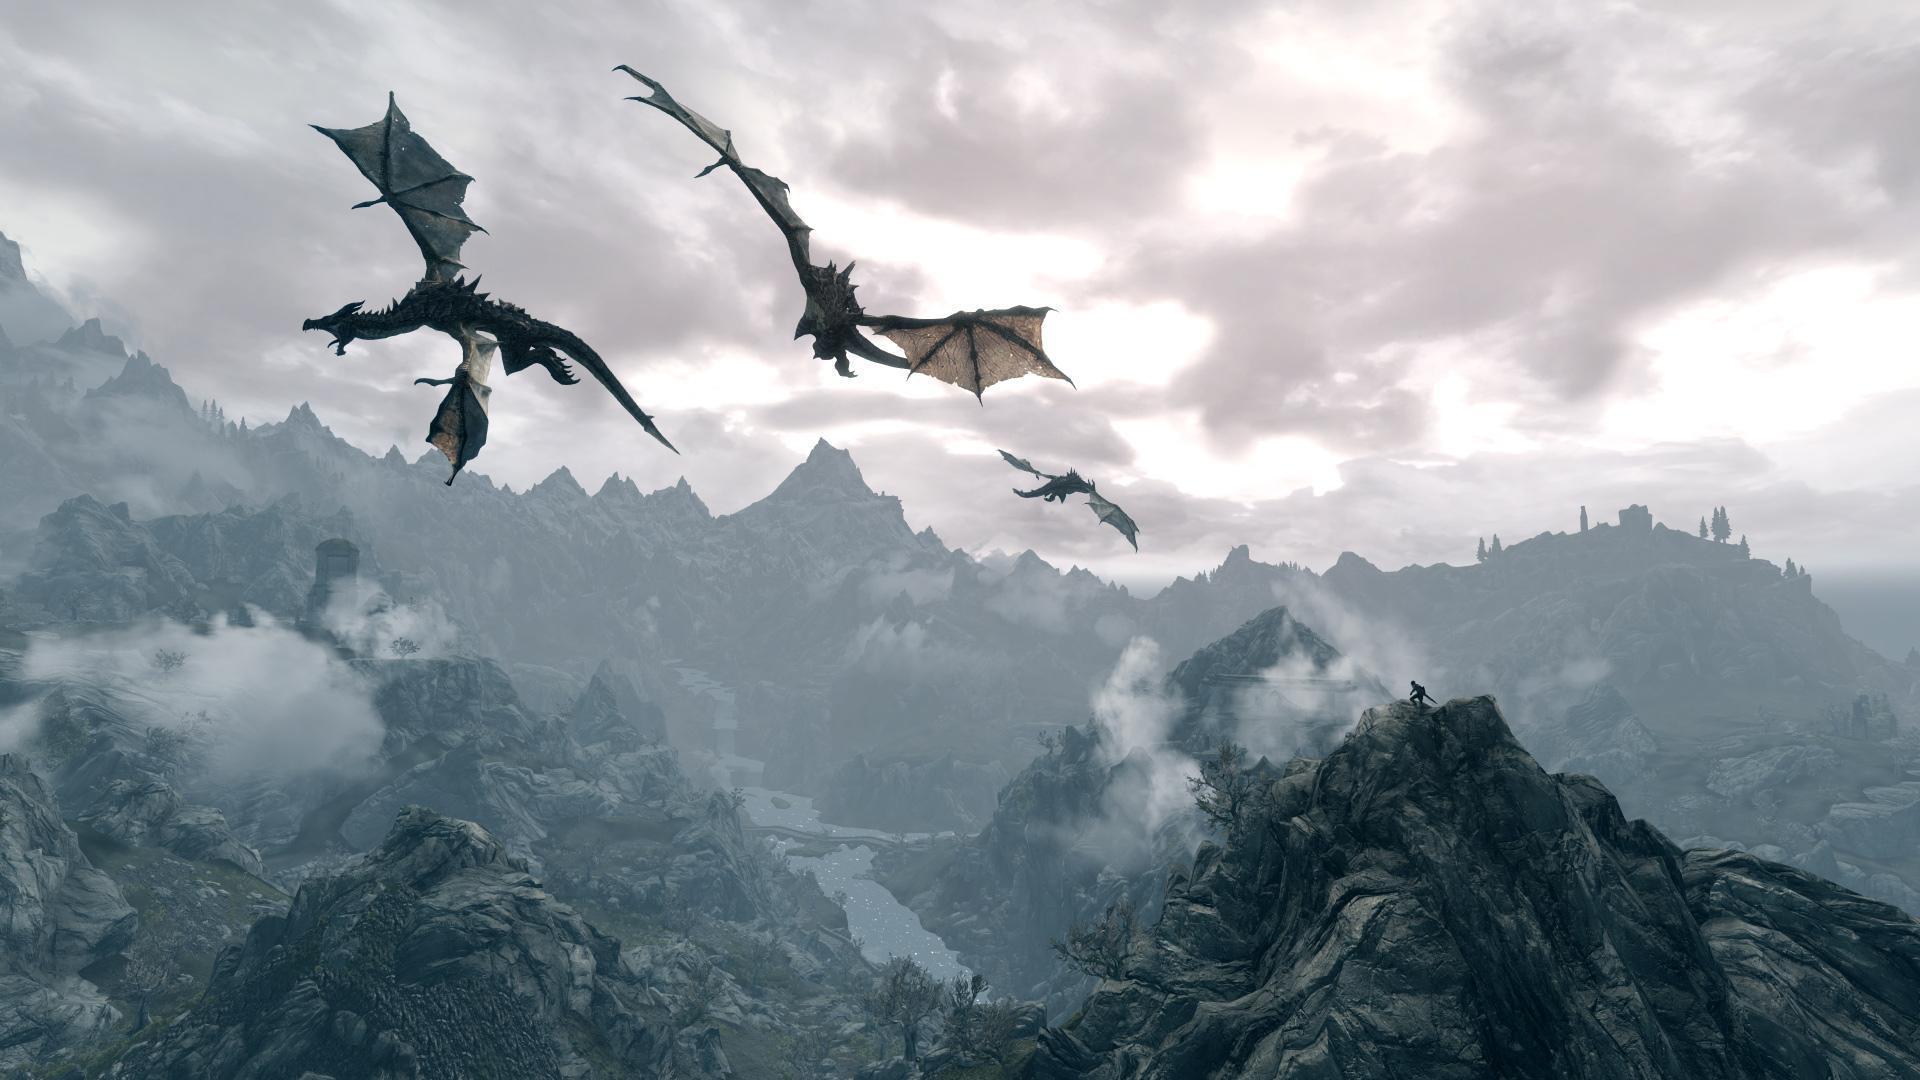 skyrim dragon wallpapers wallpaper cave